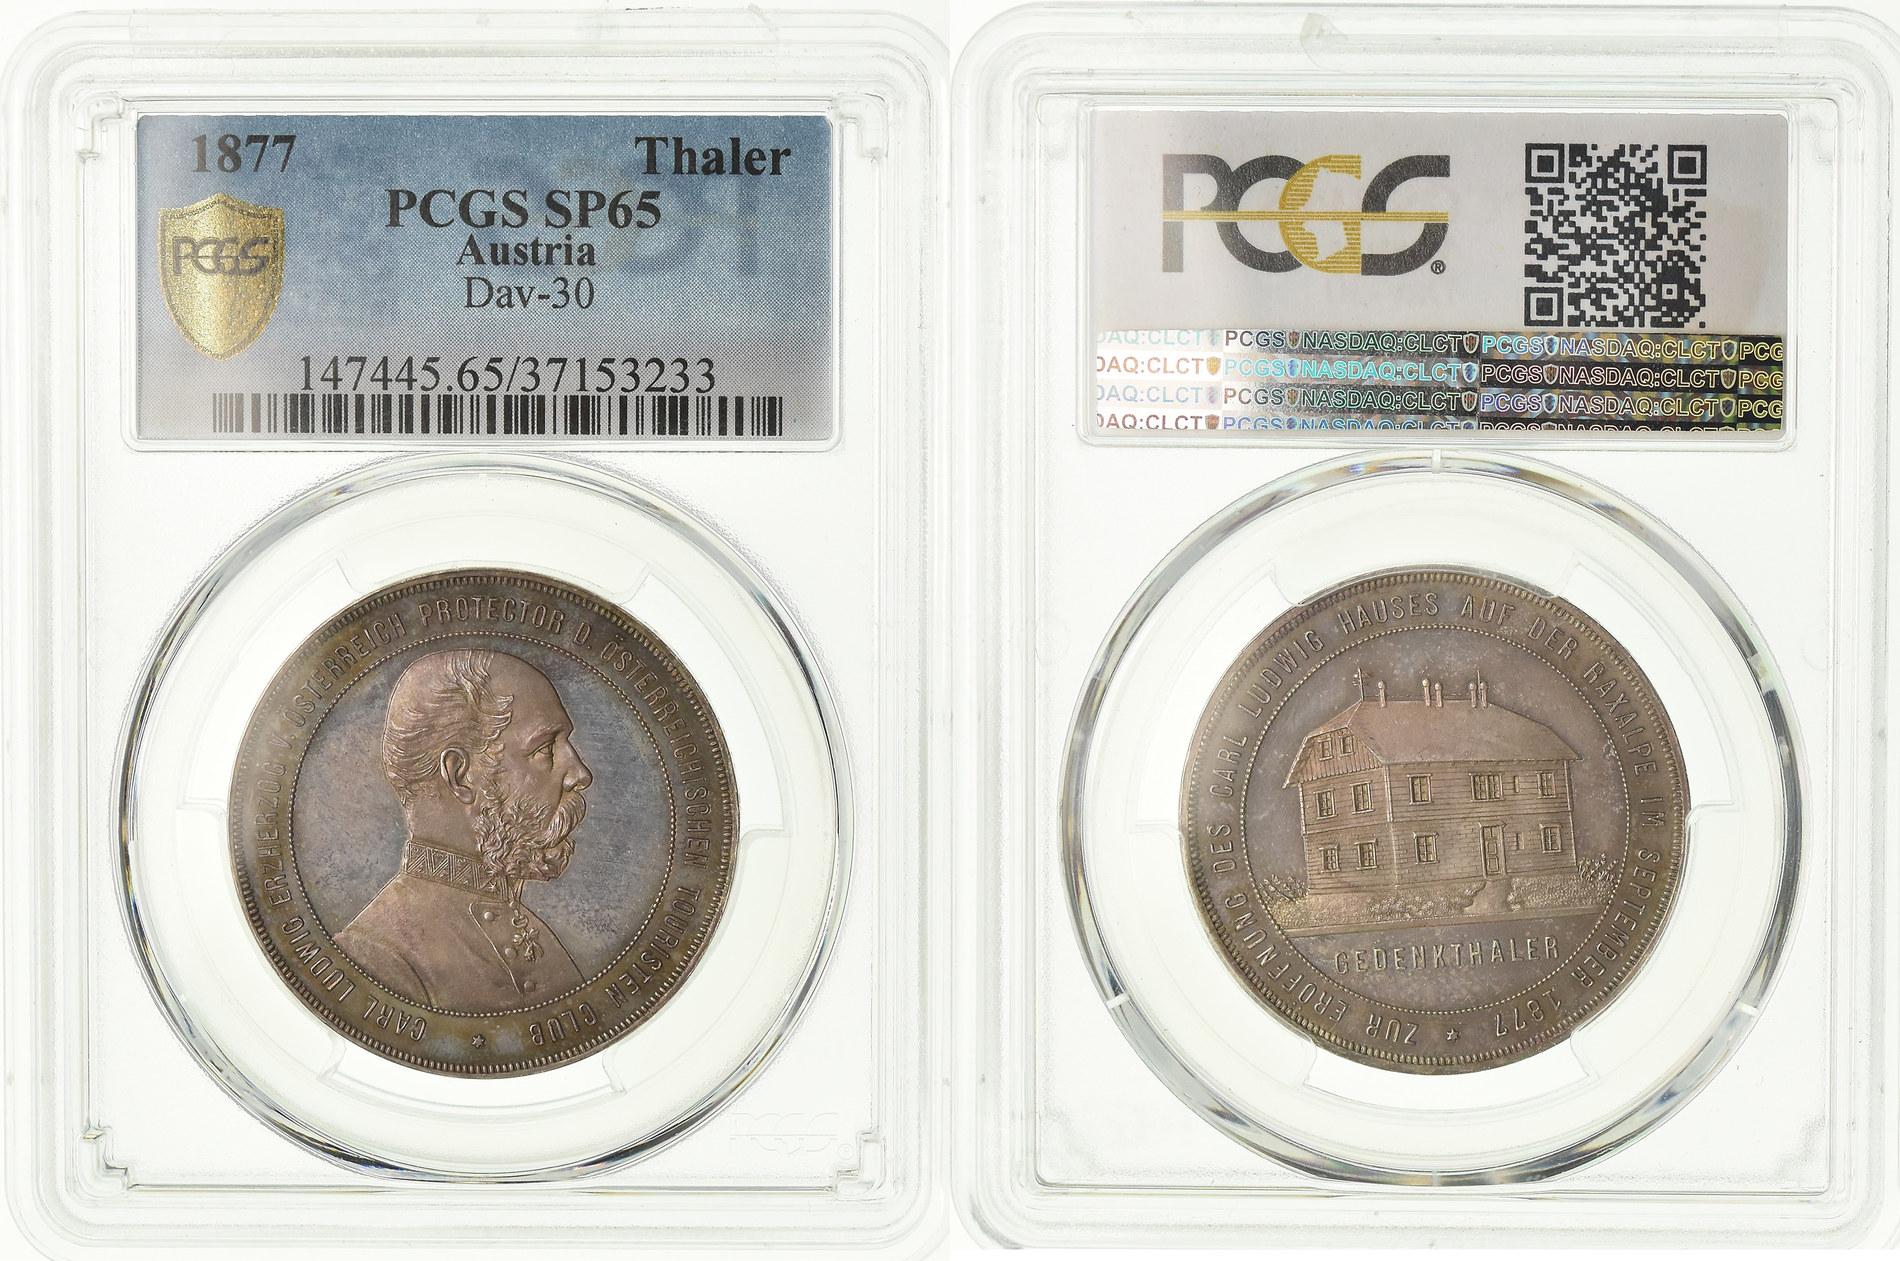 オーストリア1877年ターラー銀貨ラクサルペ山荘PCGS SP65画像